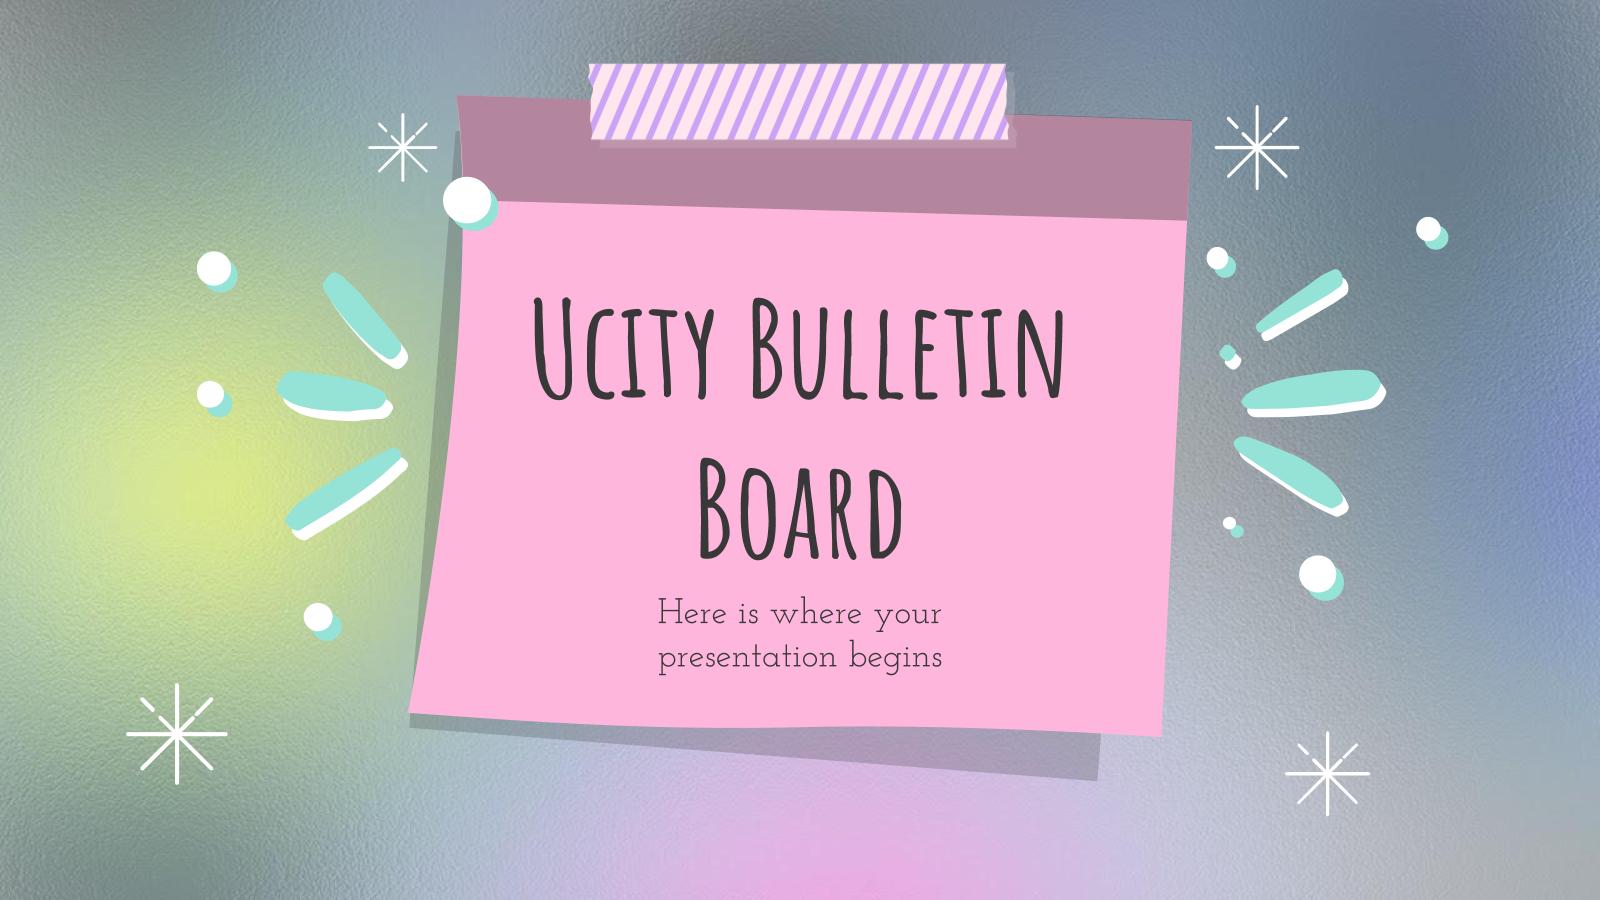 Plantilla de presentación Tablón de anuncios Ucity